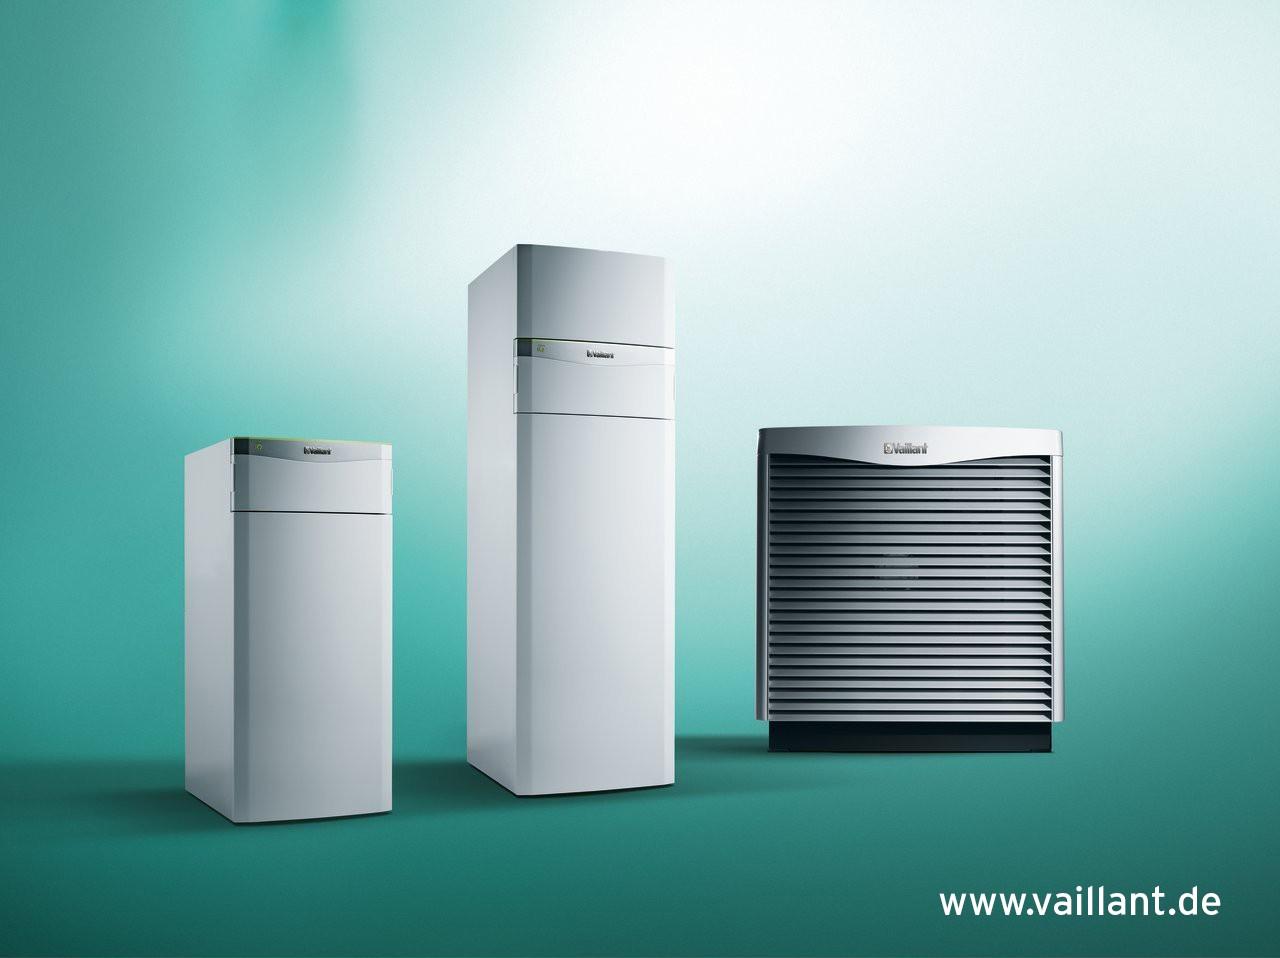 Vaillant VAILLANT Set 4.43 flexoTHERM VWF 117 /4 mit aroCOLLECT Luft/Wasser